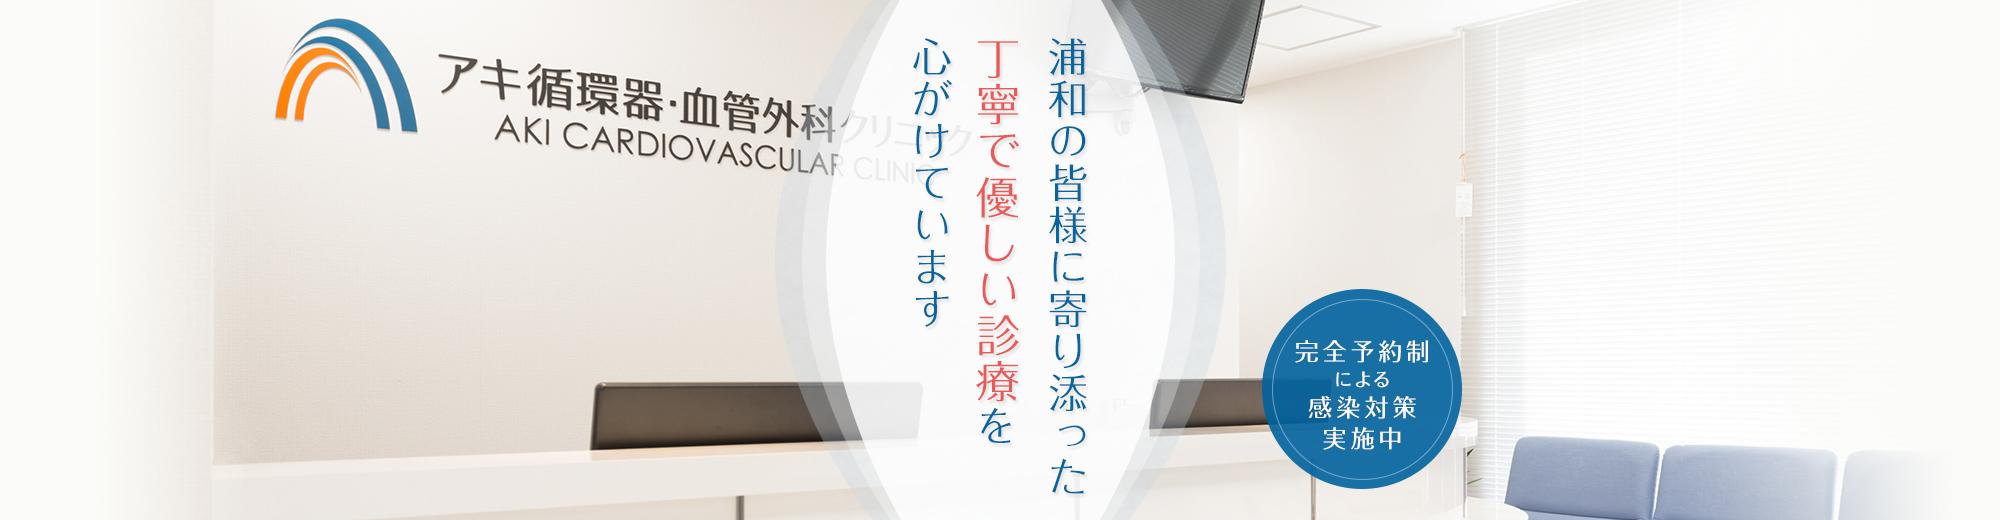 浦和の皆様に寄り添った丁寧で優しい診療を心がけています